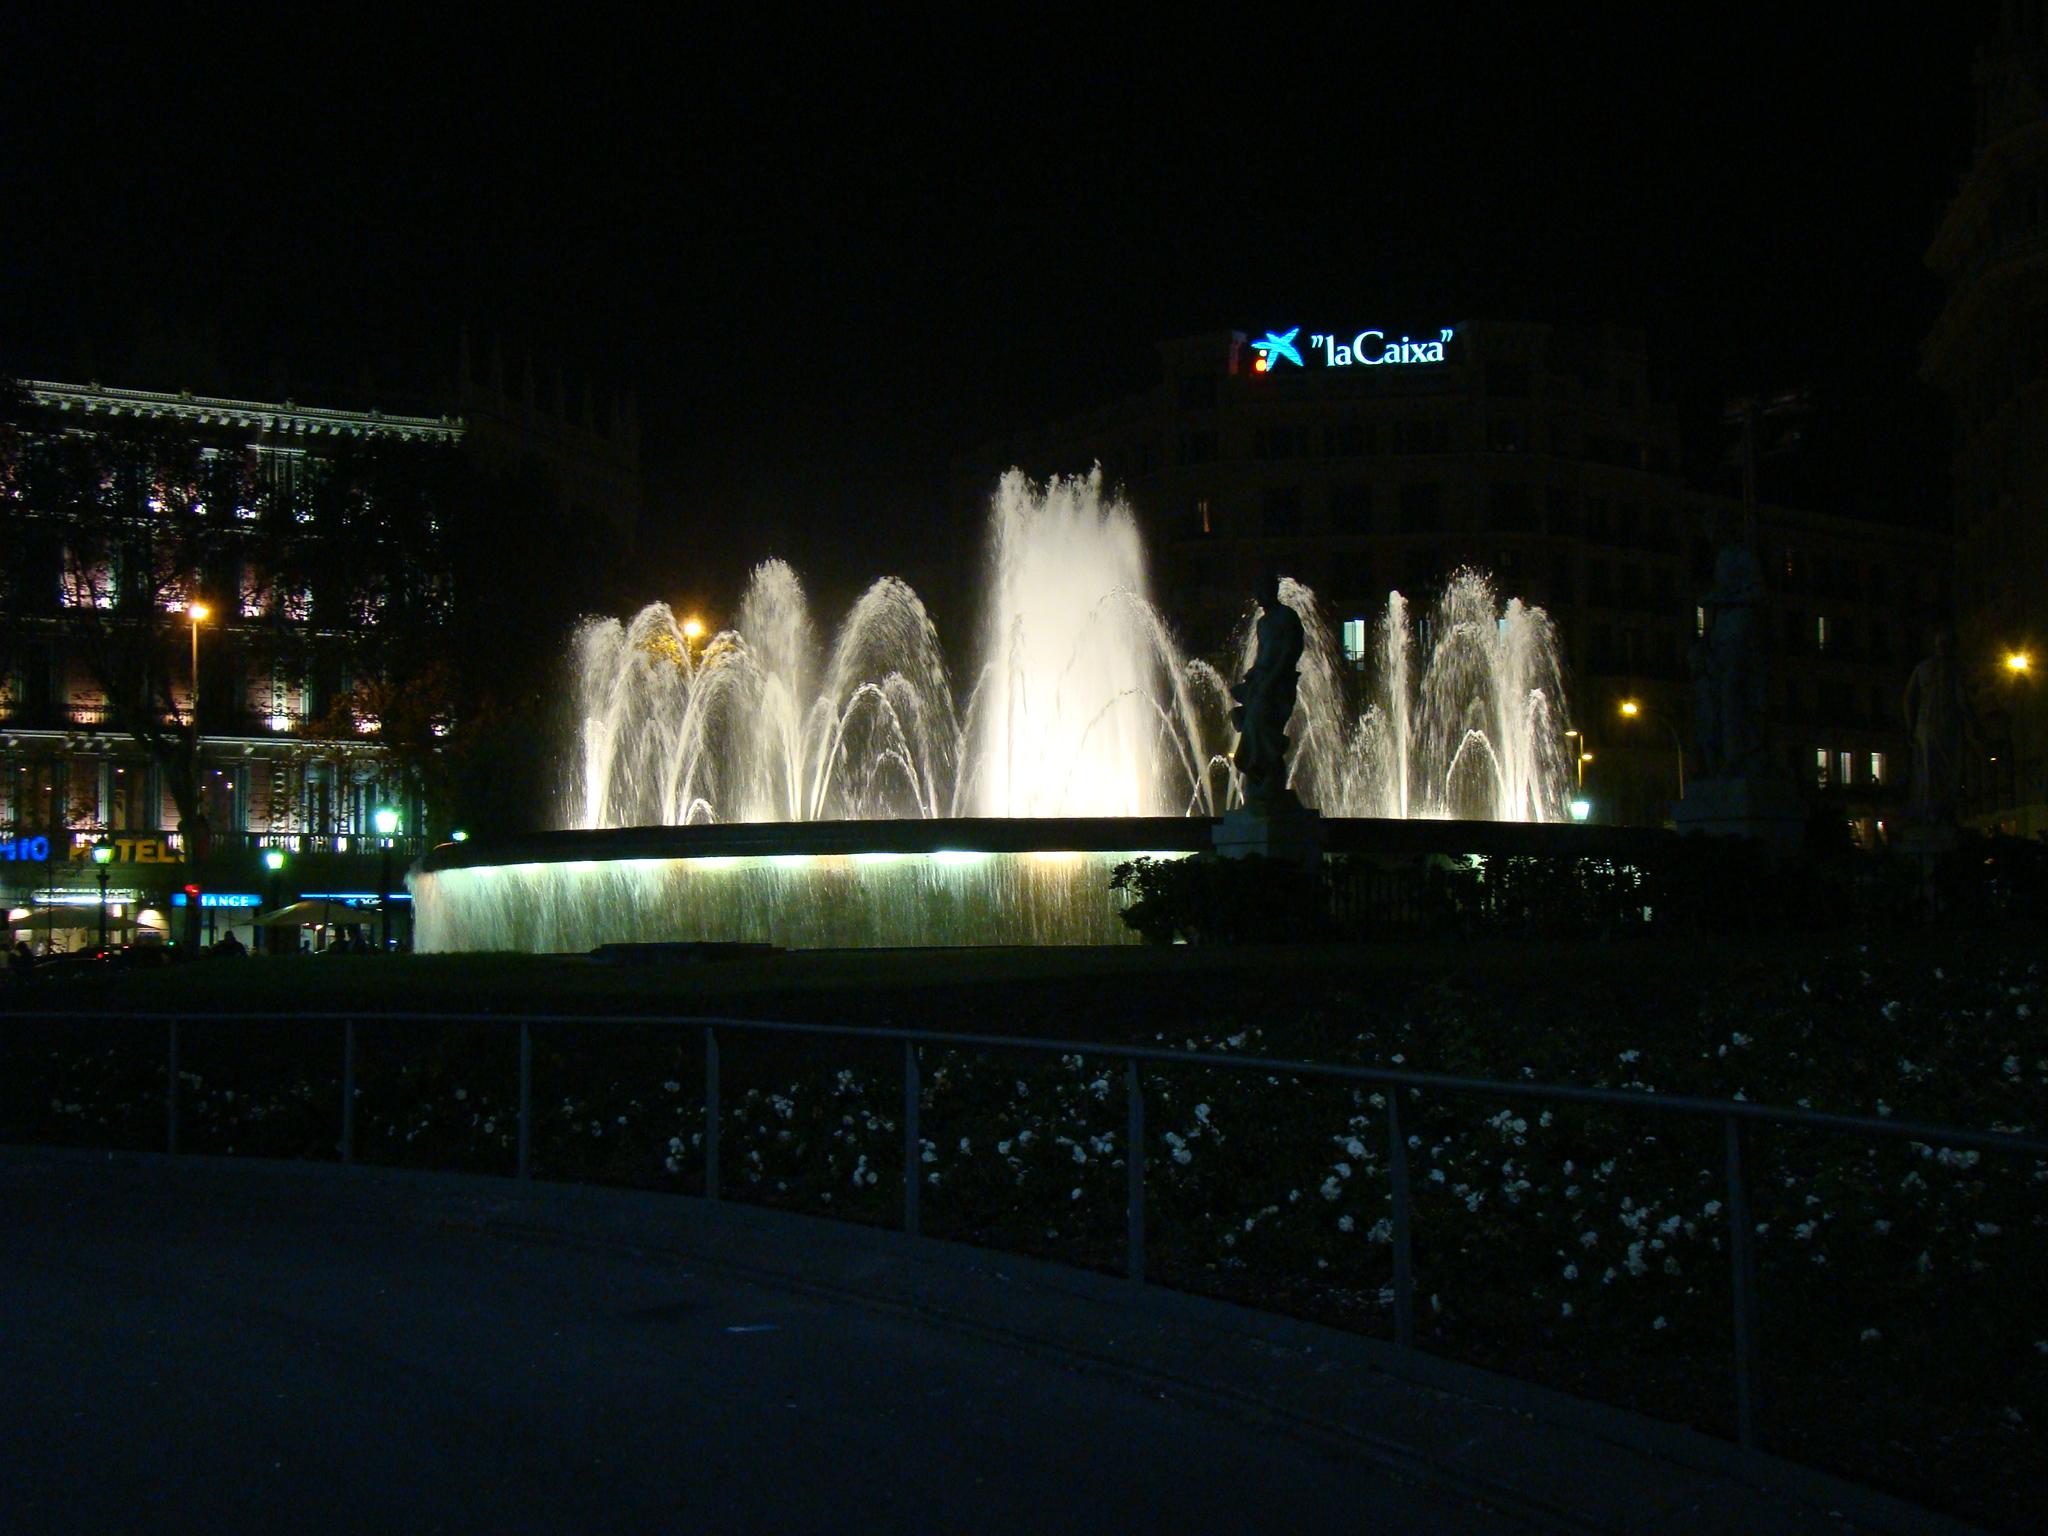 plaça catalunha